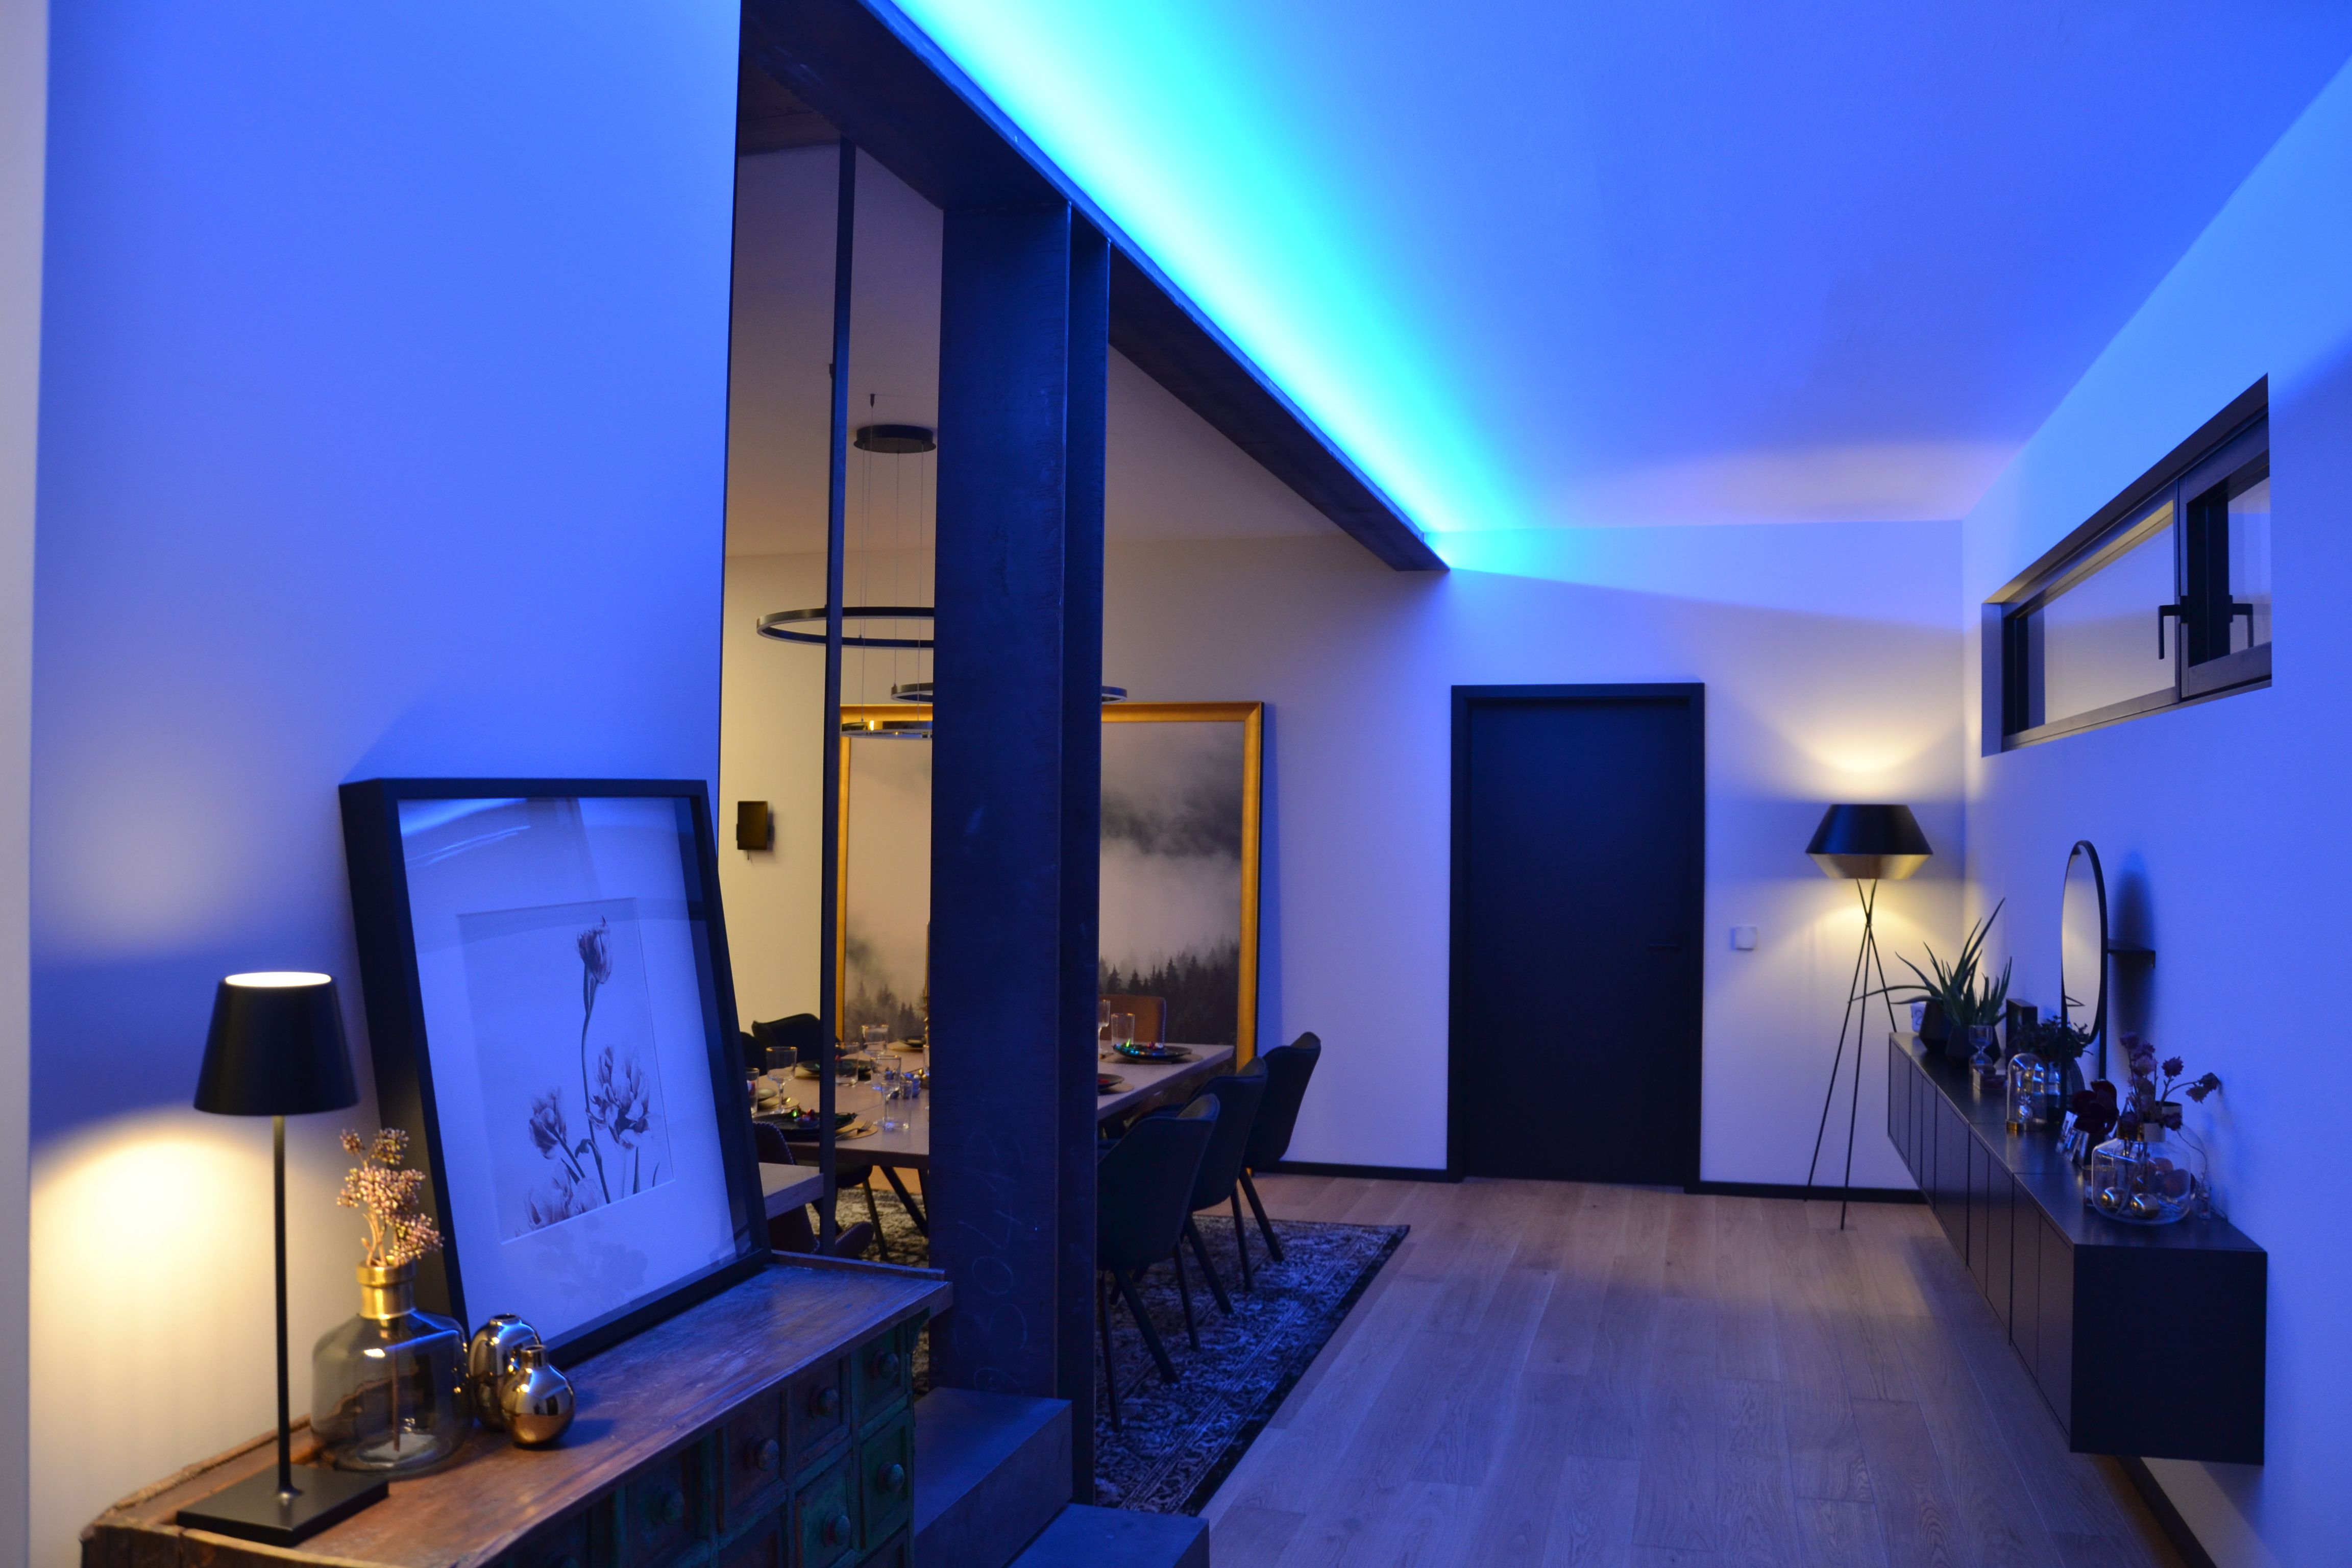 Indirekte Beleuchtung Im Wohnraum Mit Modernen Led Strips Led Stripes Indirekte Beleuchtung Led